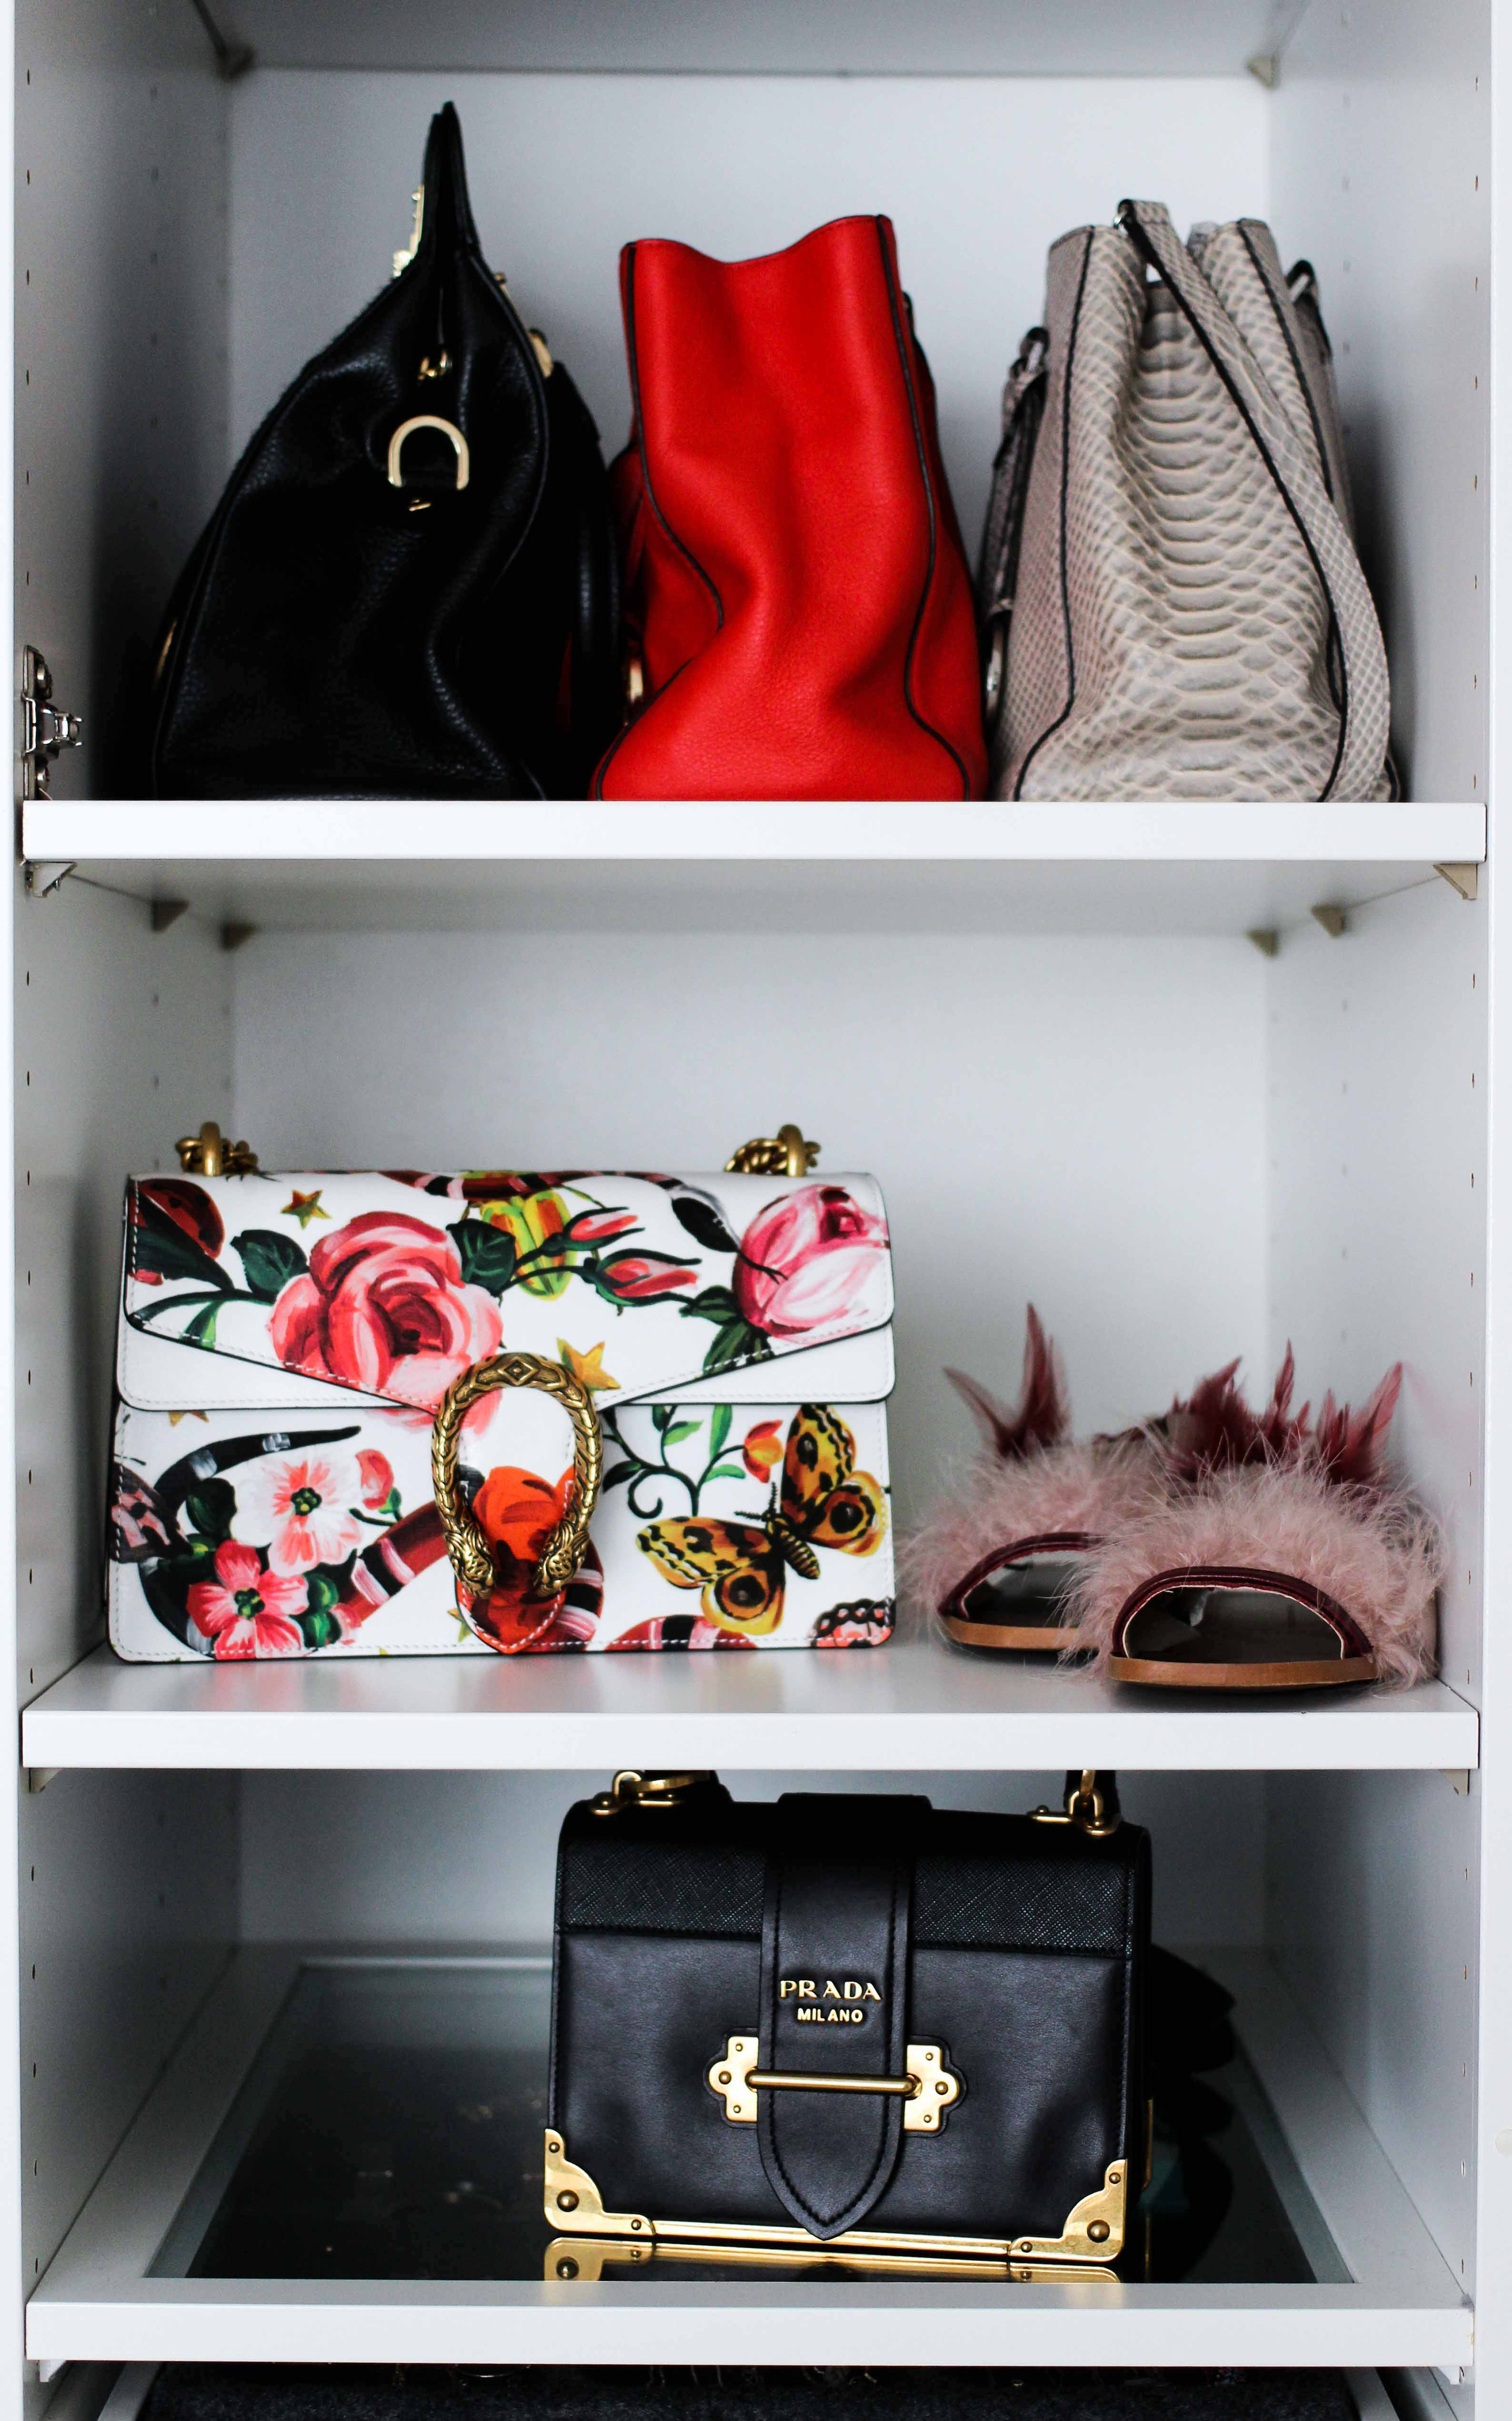 mein ankleidezimmer tipps f r den pax kleiderschrank zeigdeinenpax gewinnspiel. Black Bedroom Furniture Sets. Home Design Ideas